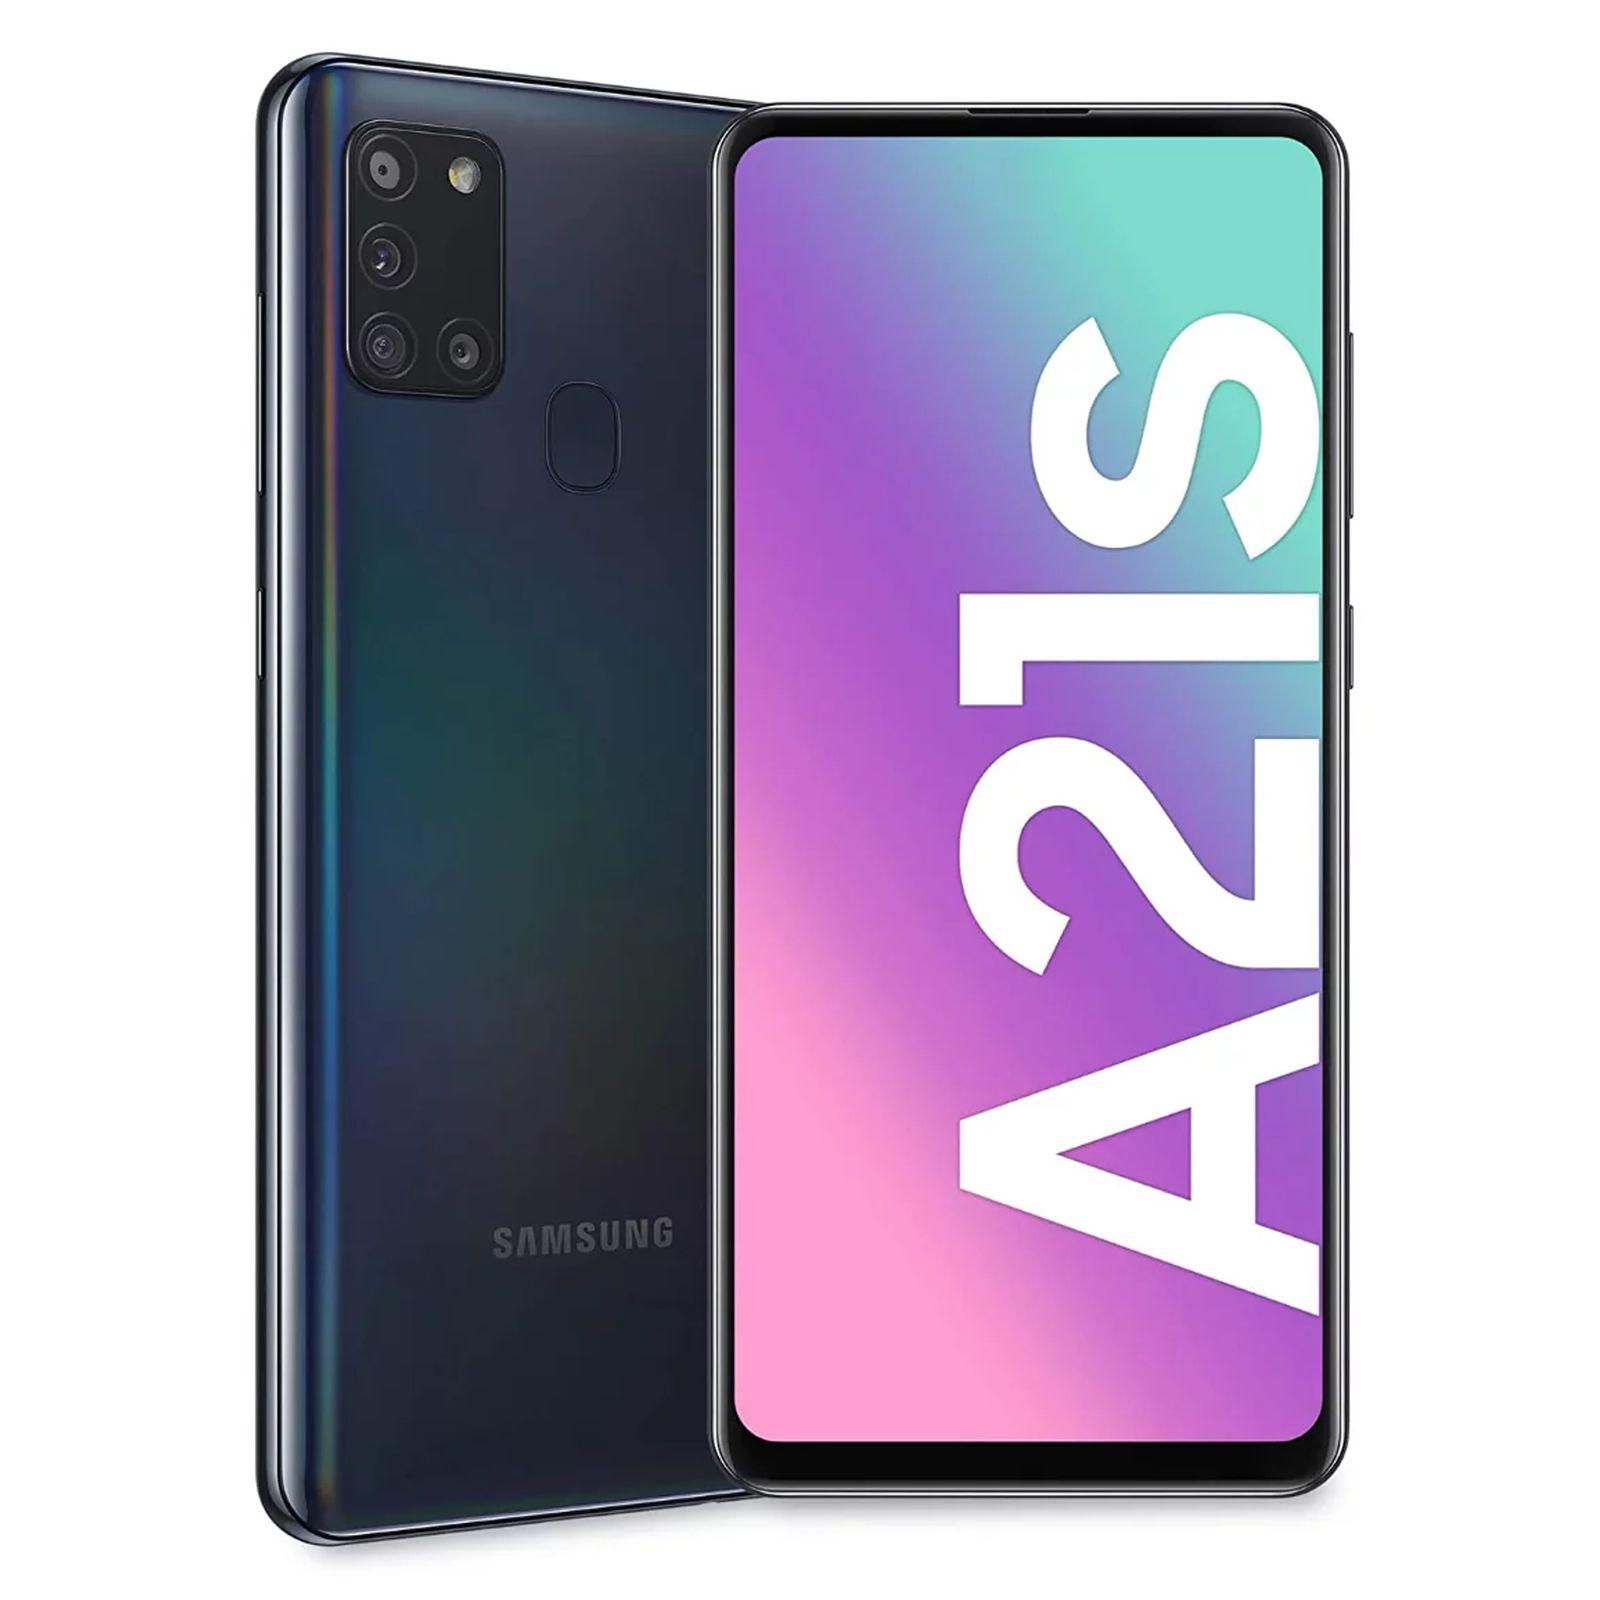 گوشی موبایل سامسونگ مدل Galaxy A21S SM-A217F/DS دو سیمکارت ظرفیت 64 گیگابایت main 1 5